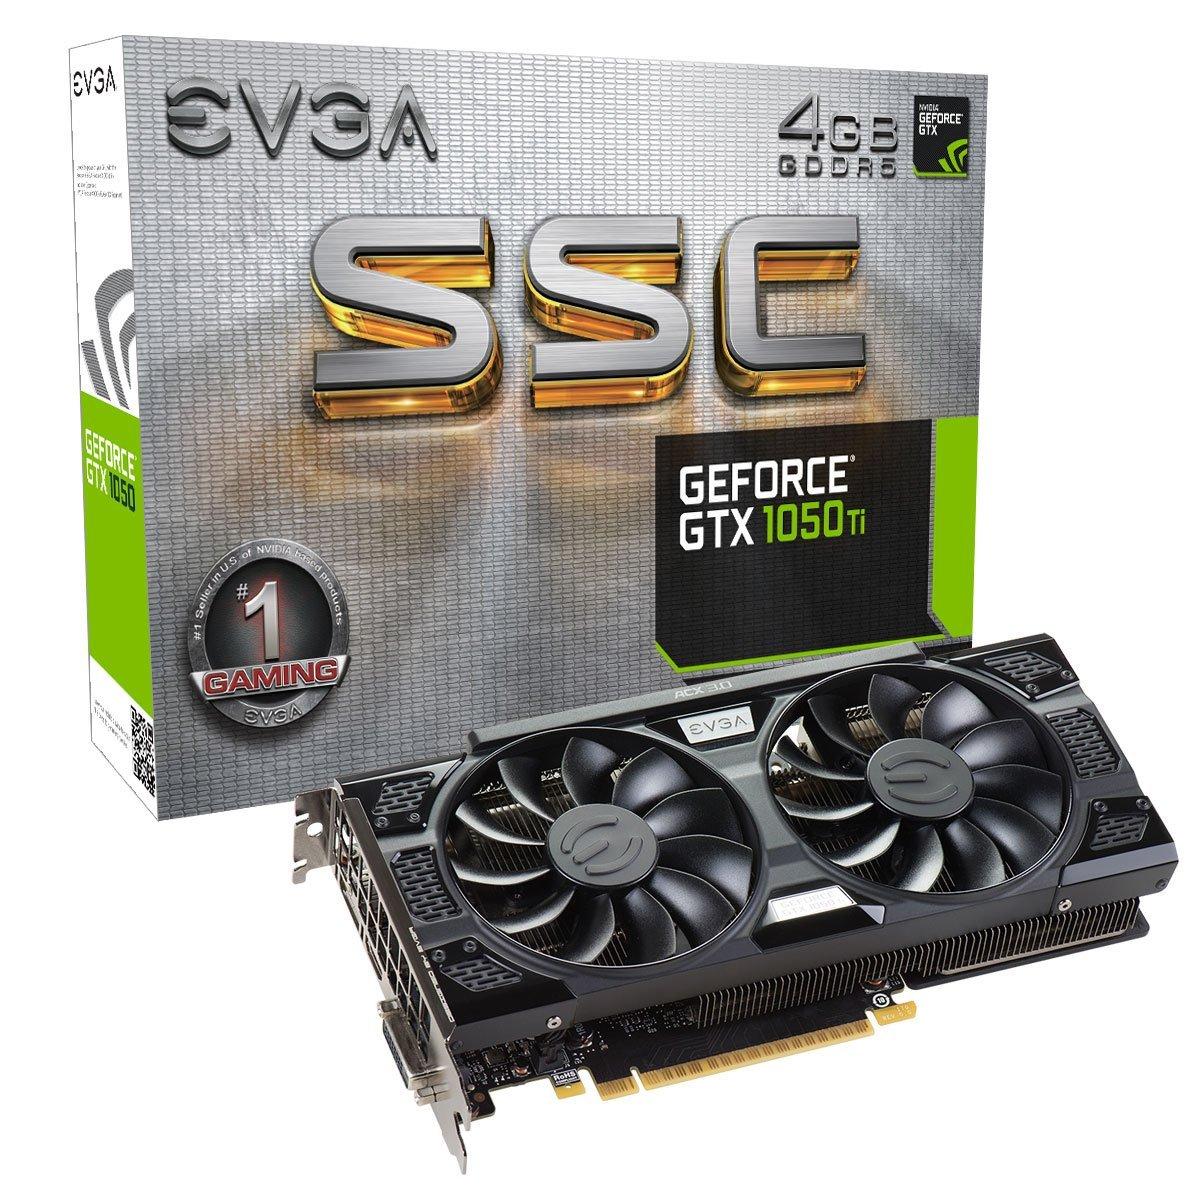 EVGA GeForce GTX 1050 Ti SSC GAMING ACX 3.0, 4GB GDDR5 $209 @ Amazon